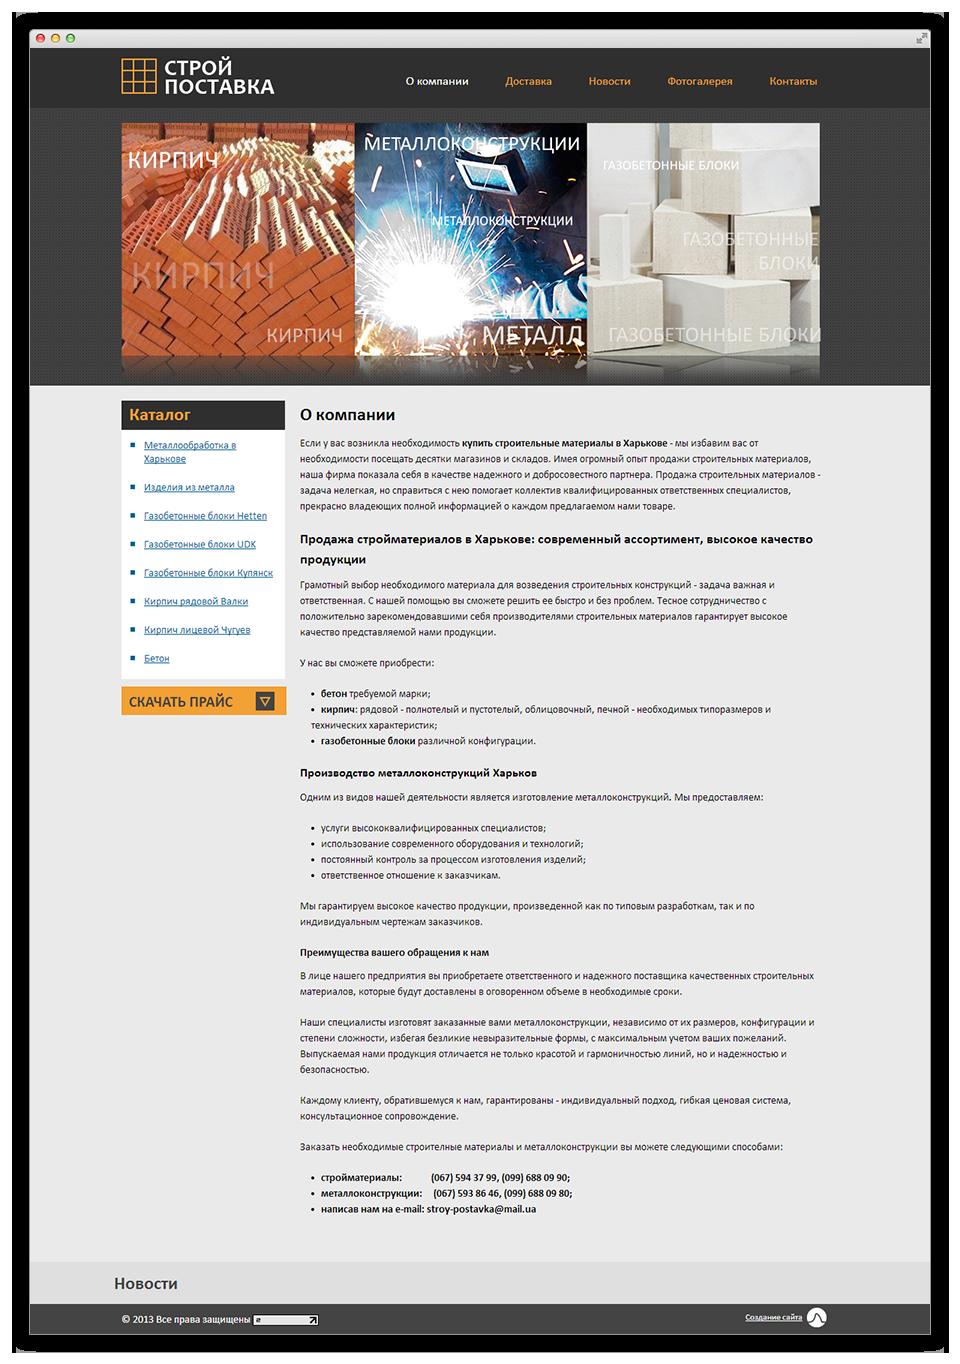 Разработка сайта компании Стройпоставка